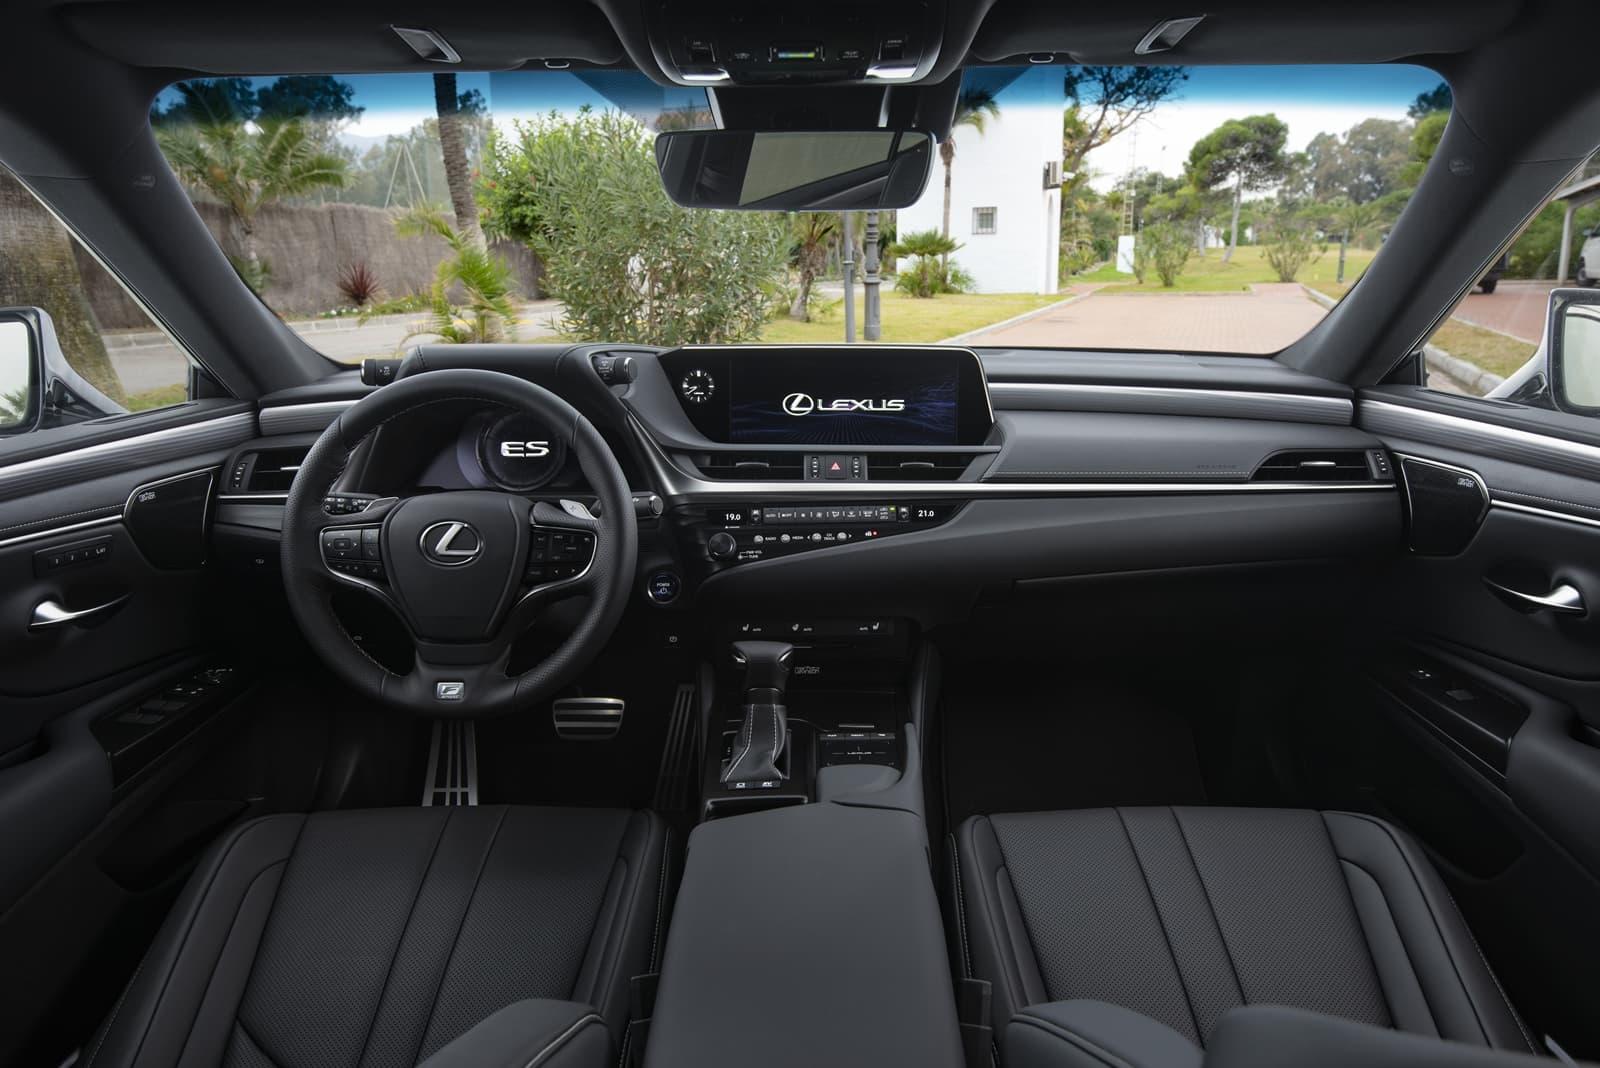 Lexus Es 300h 0319 009